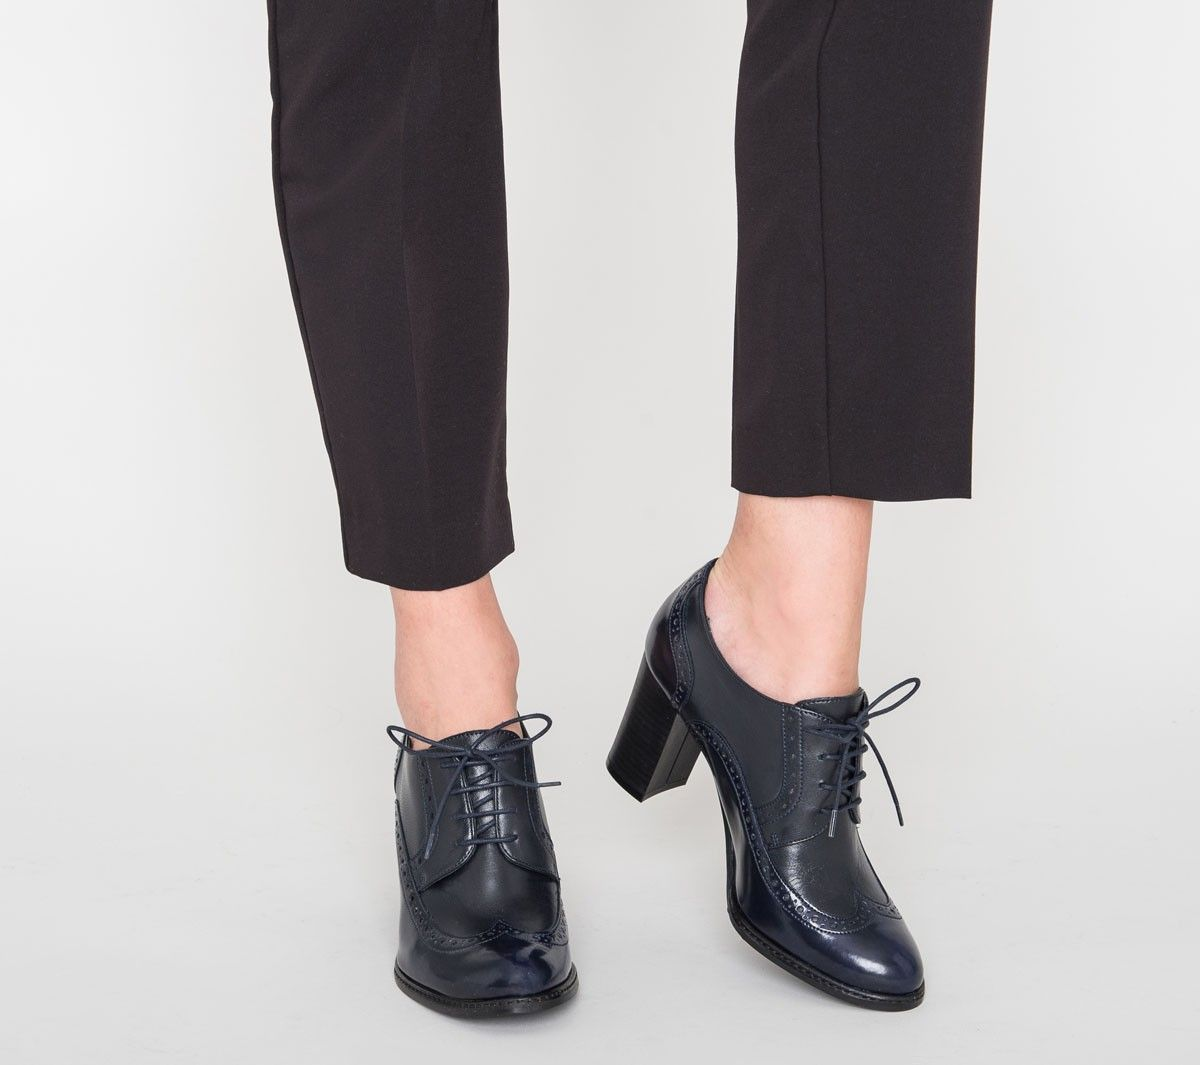 chaussure femme pas cher talon 5 cm